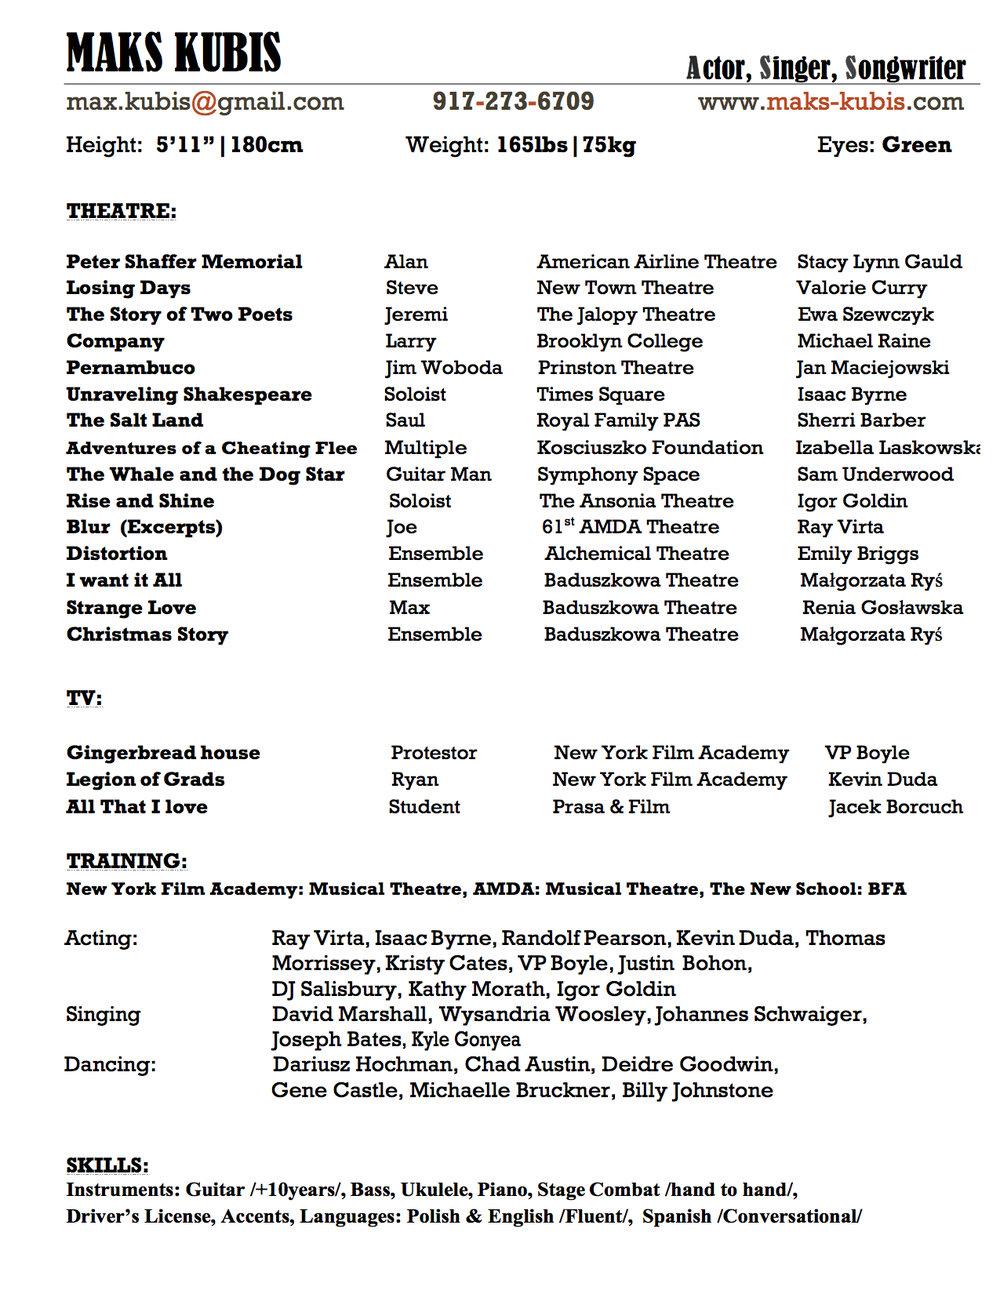 MAKS KUBIS Resume 2017 (1).jpg